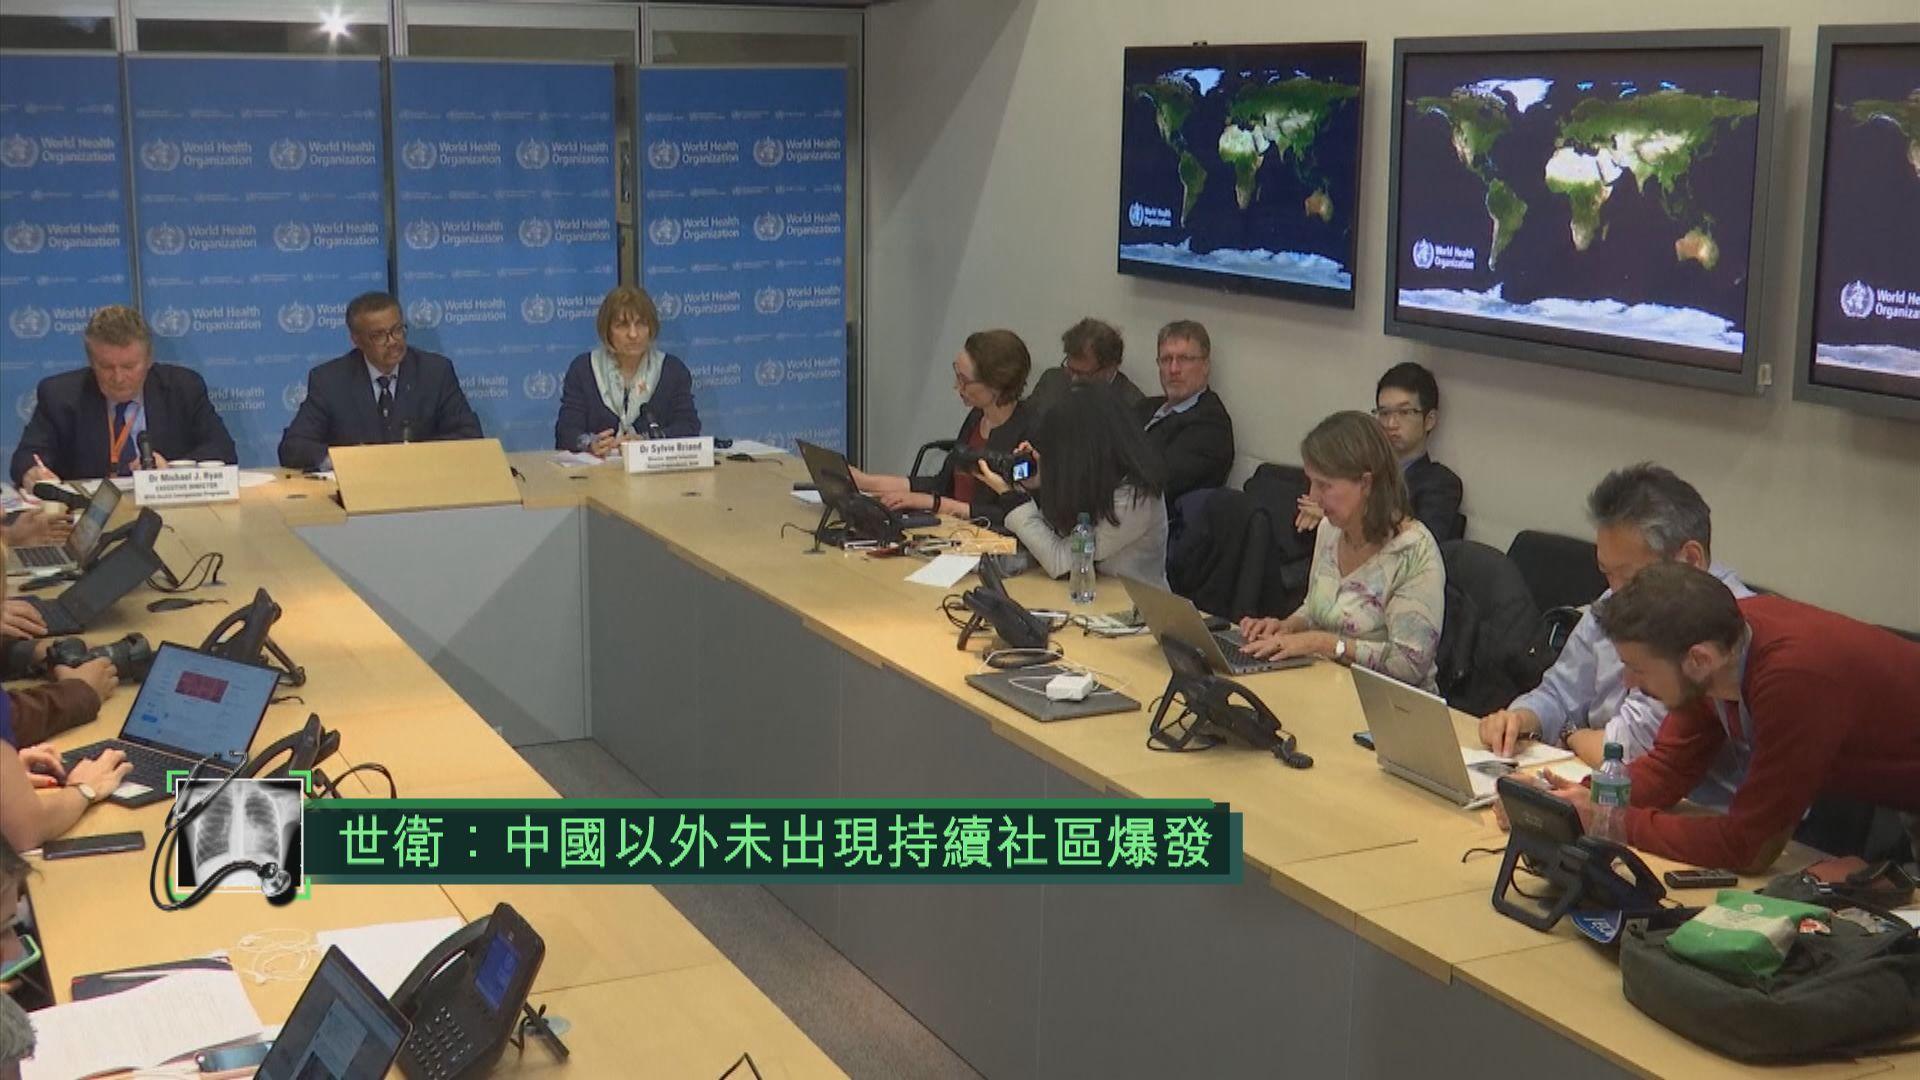 世衛:中國以外未出現持續社區爆發